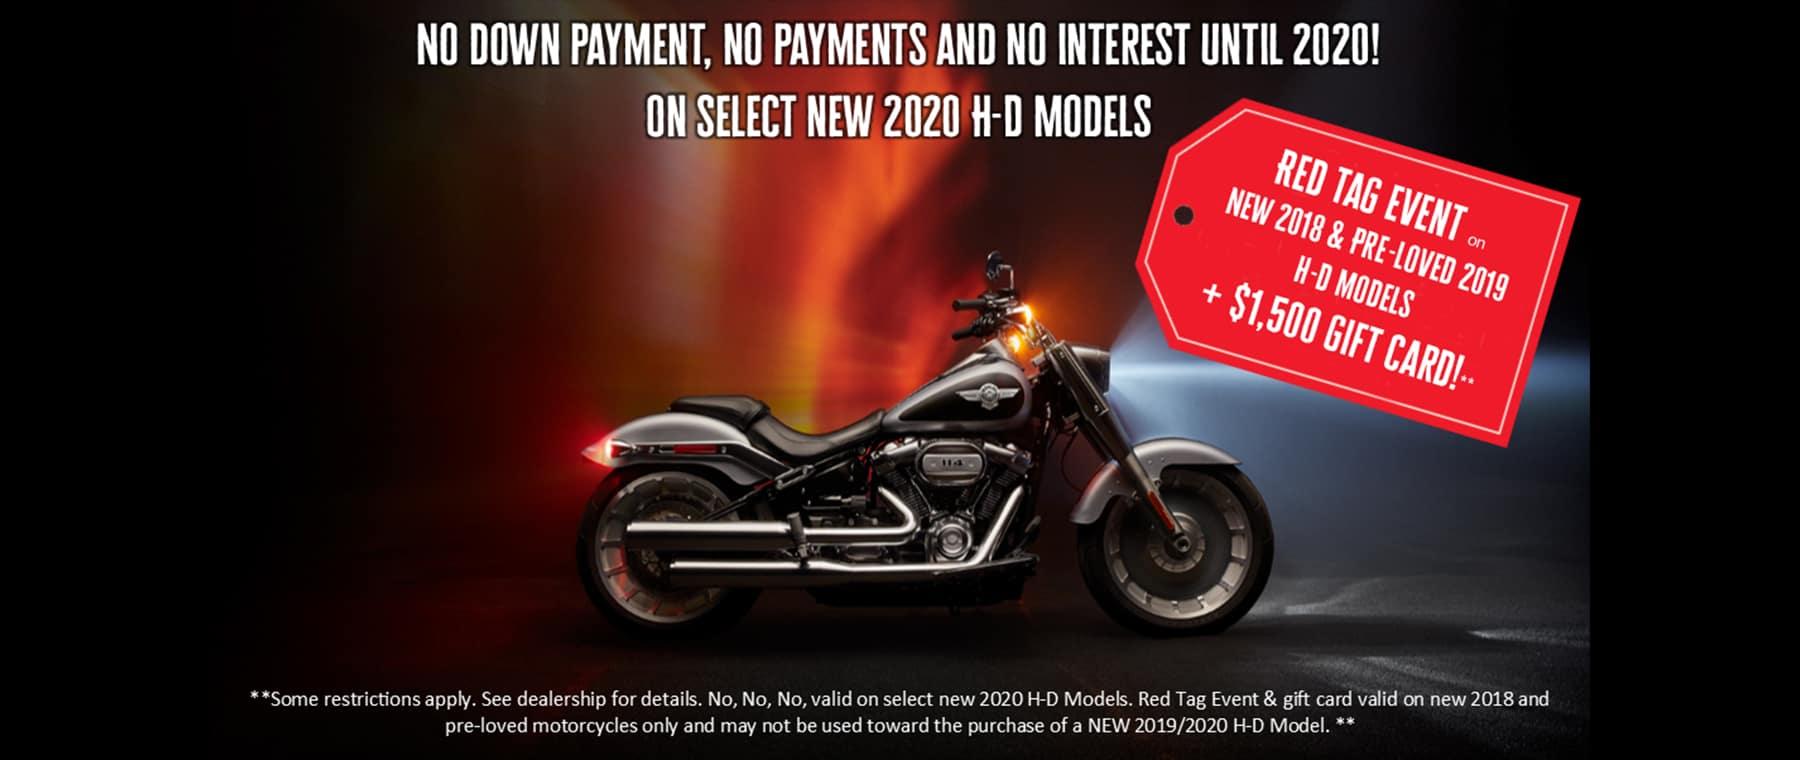 harley-davidson motorcycle promo